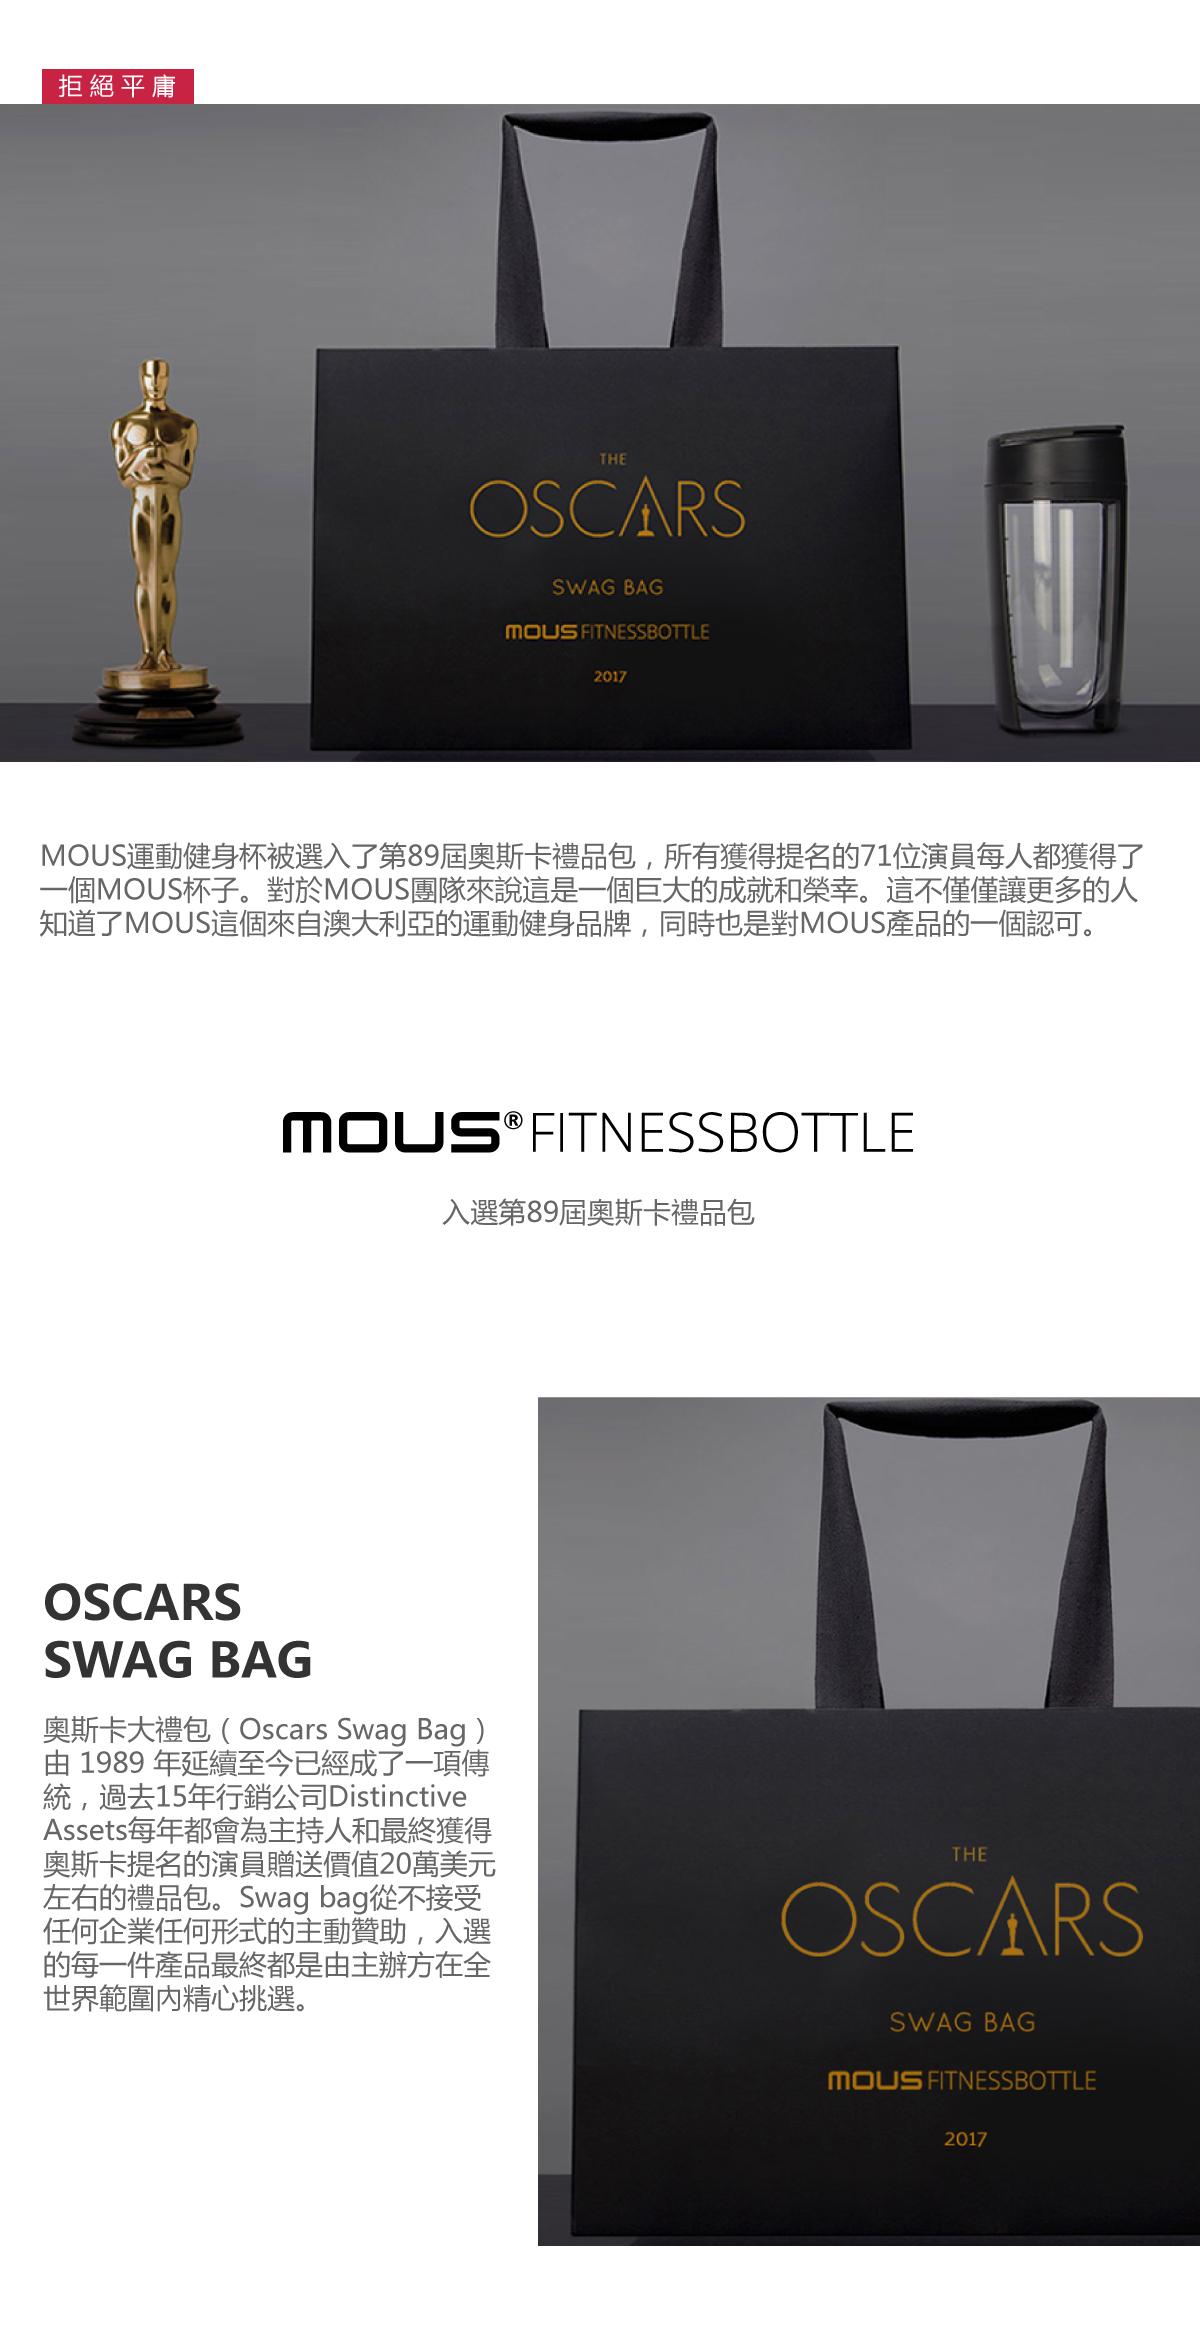 來自澳大利亞MOUS FITNESS BOTTLE運動健身搖搖杯獲選OSCARS SWAG BAG奧斯卡典禮大禮包